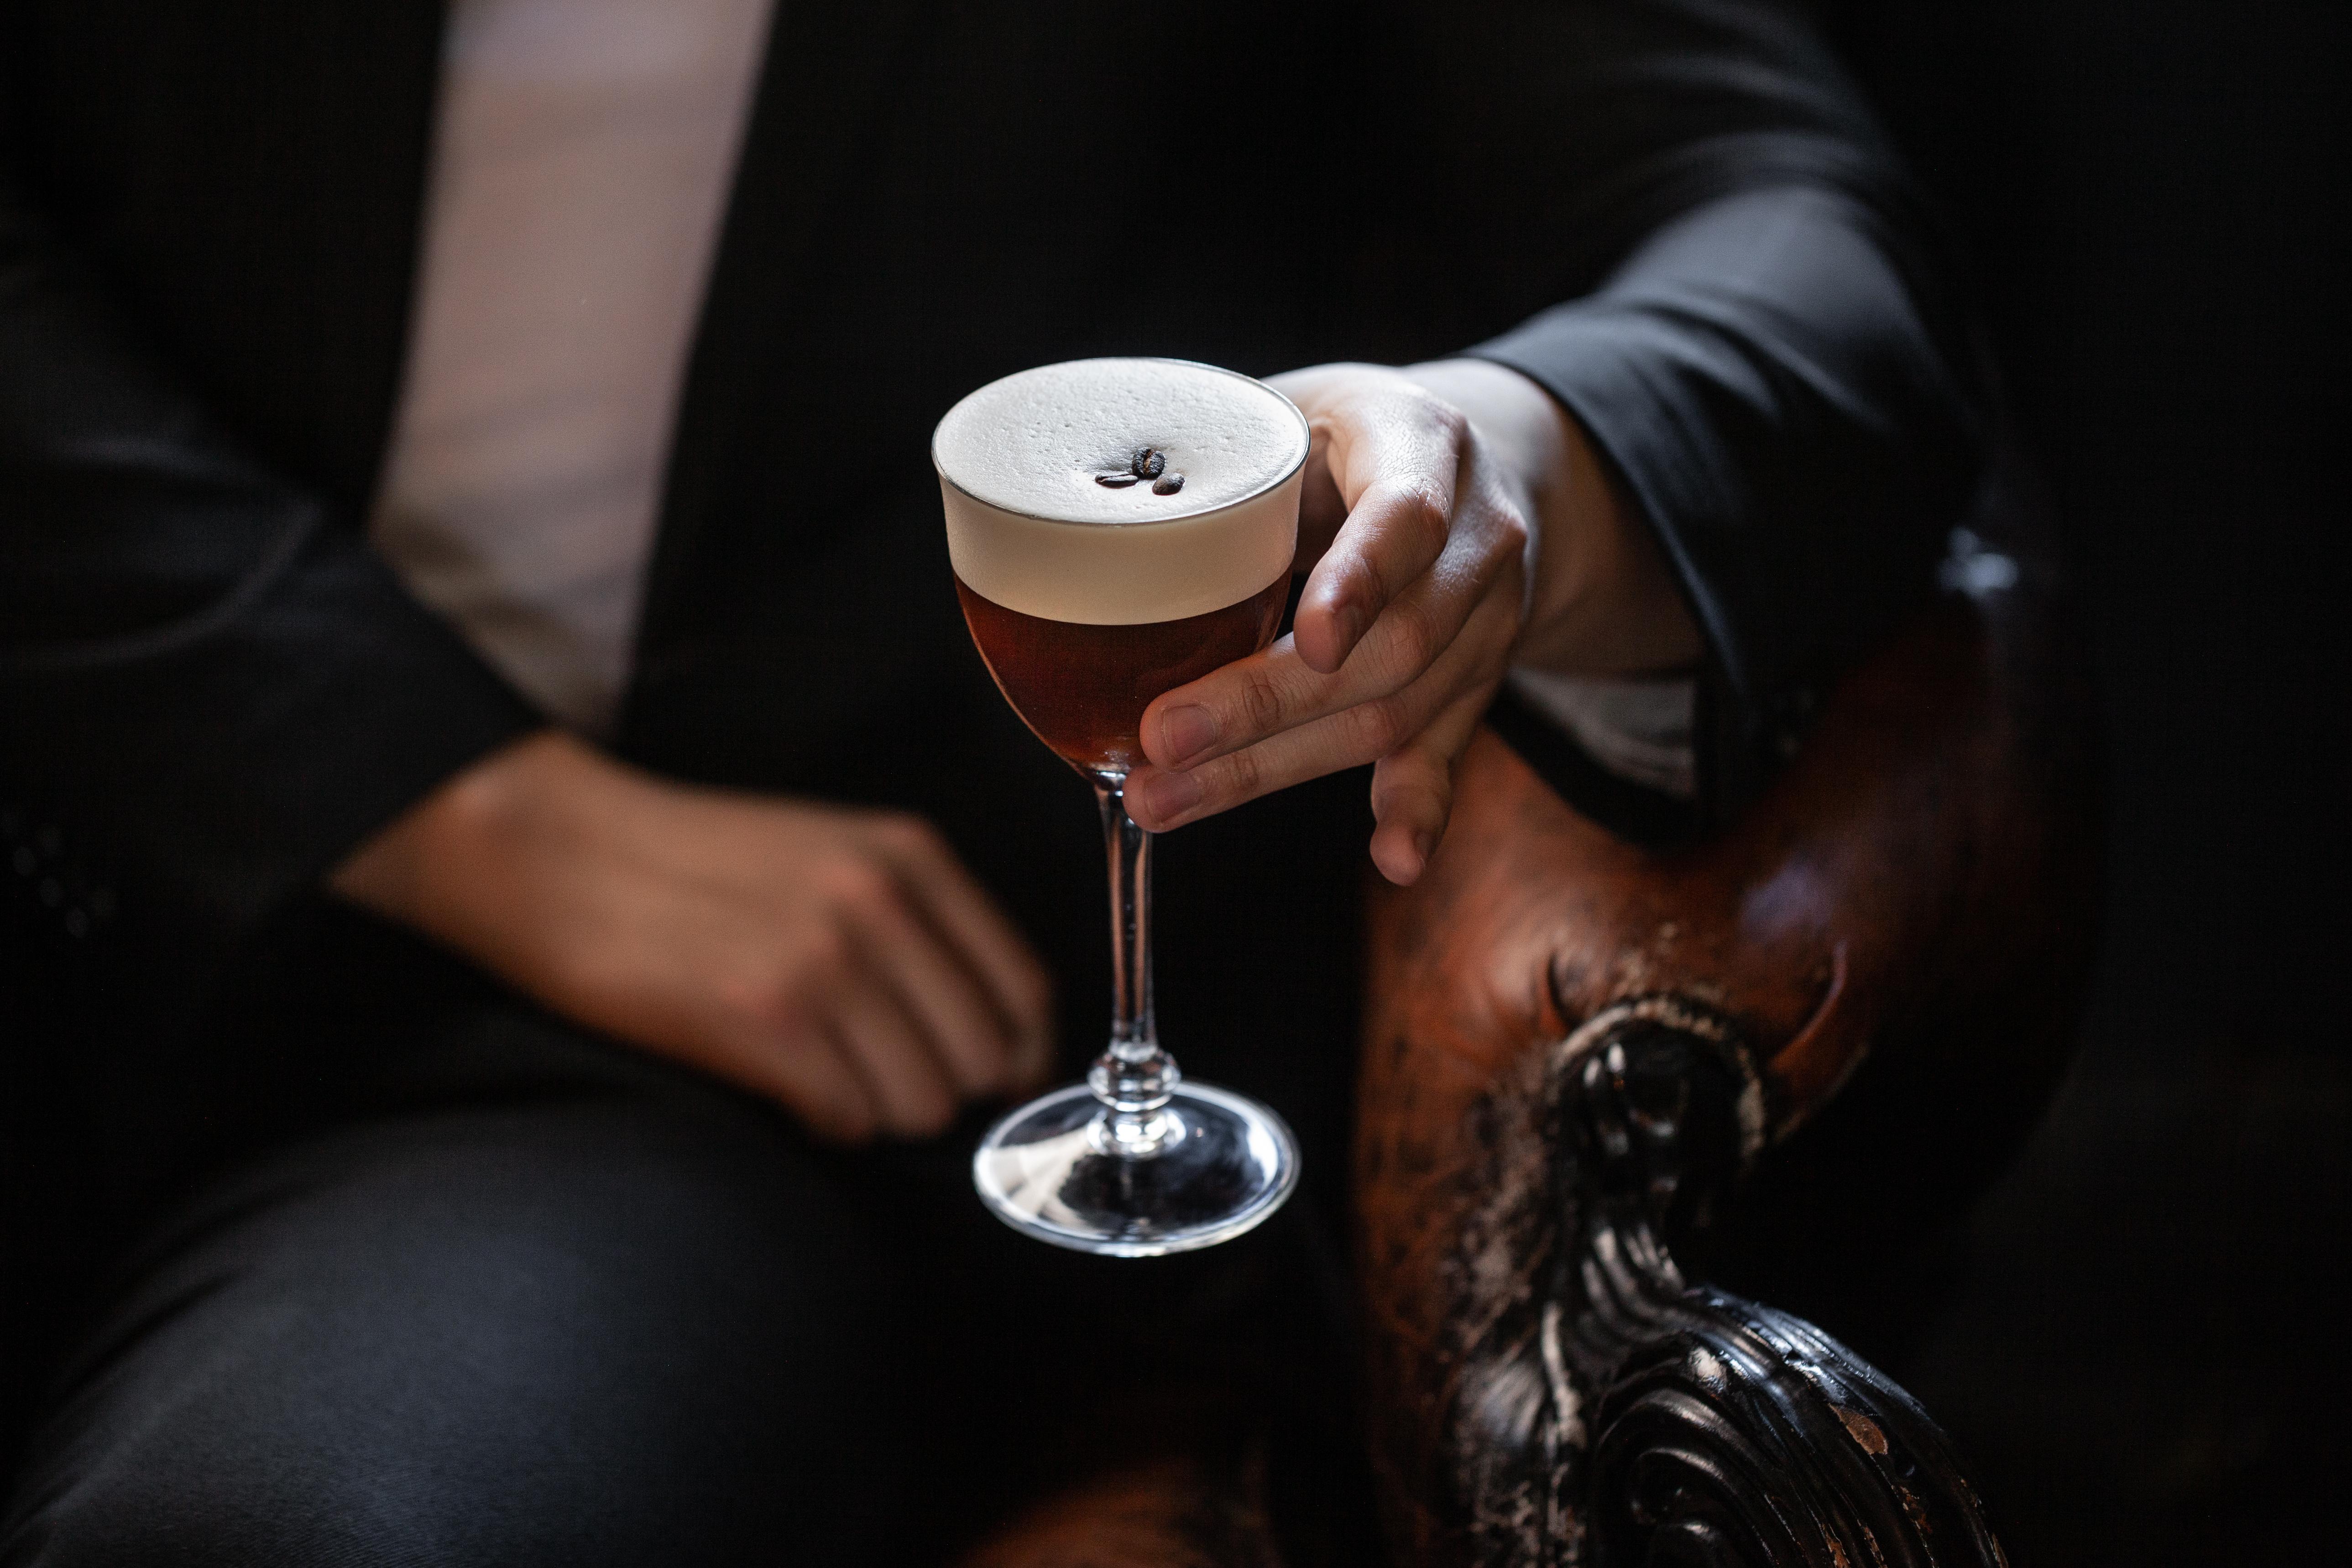 A beautiful espresso martini